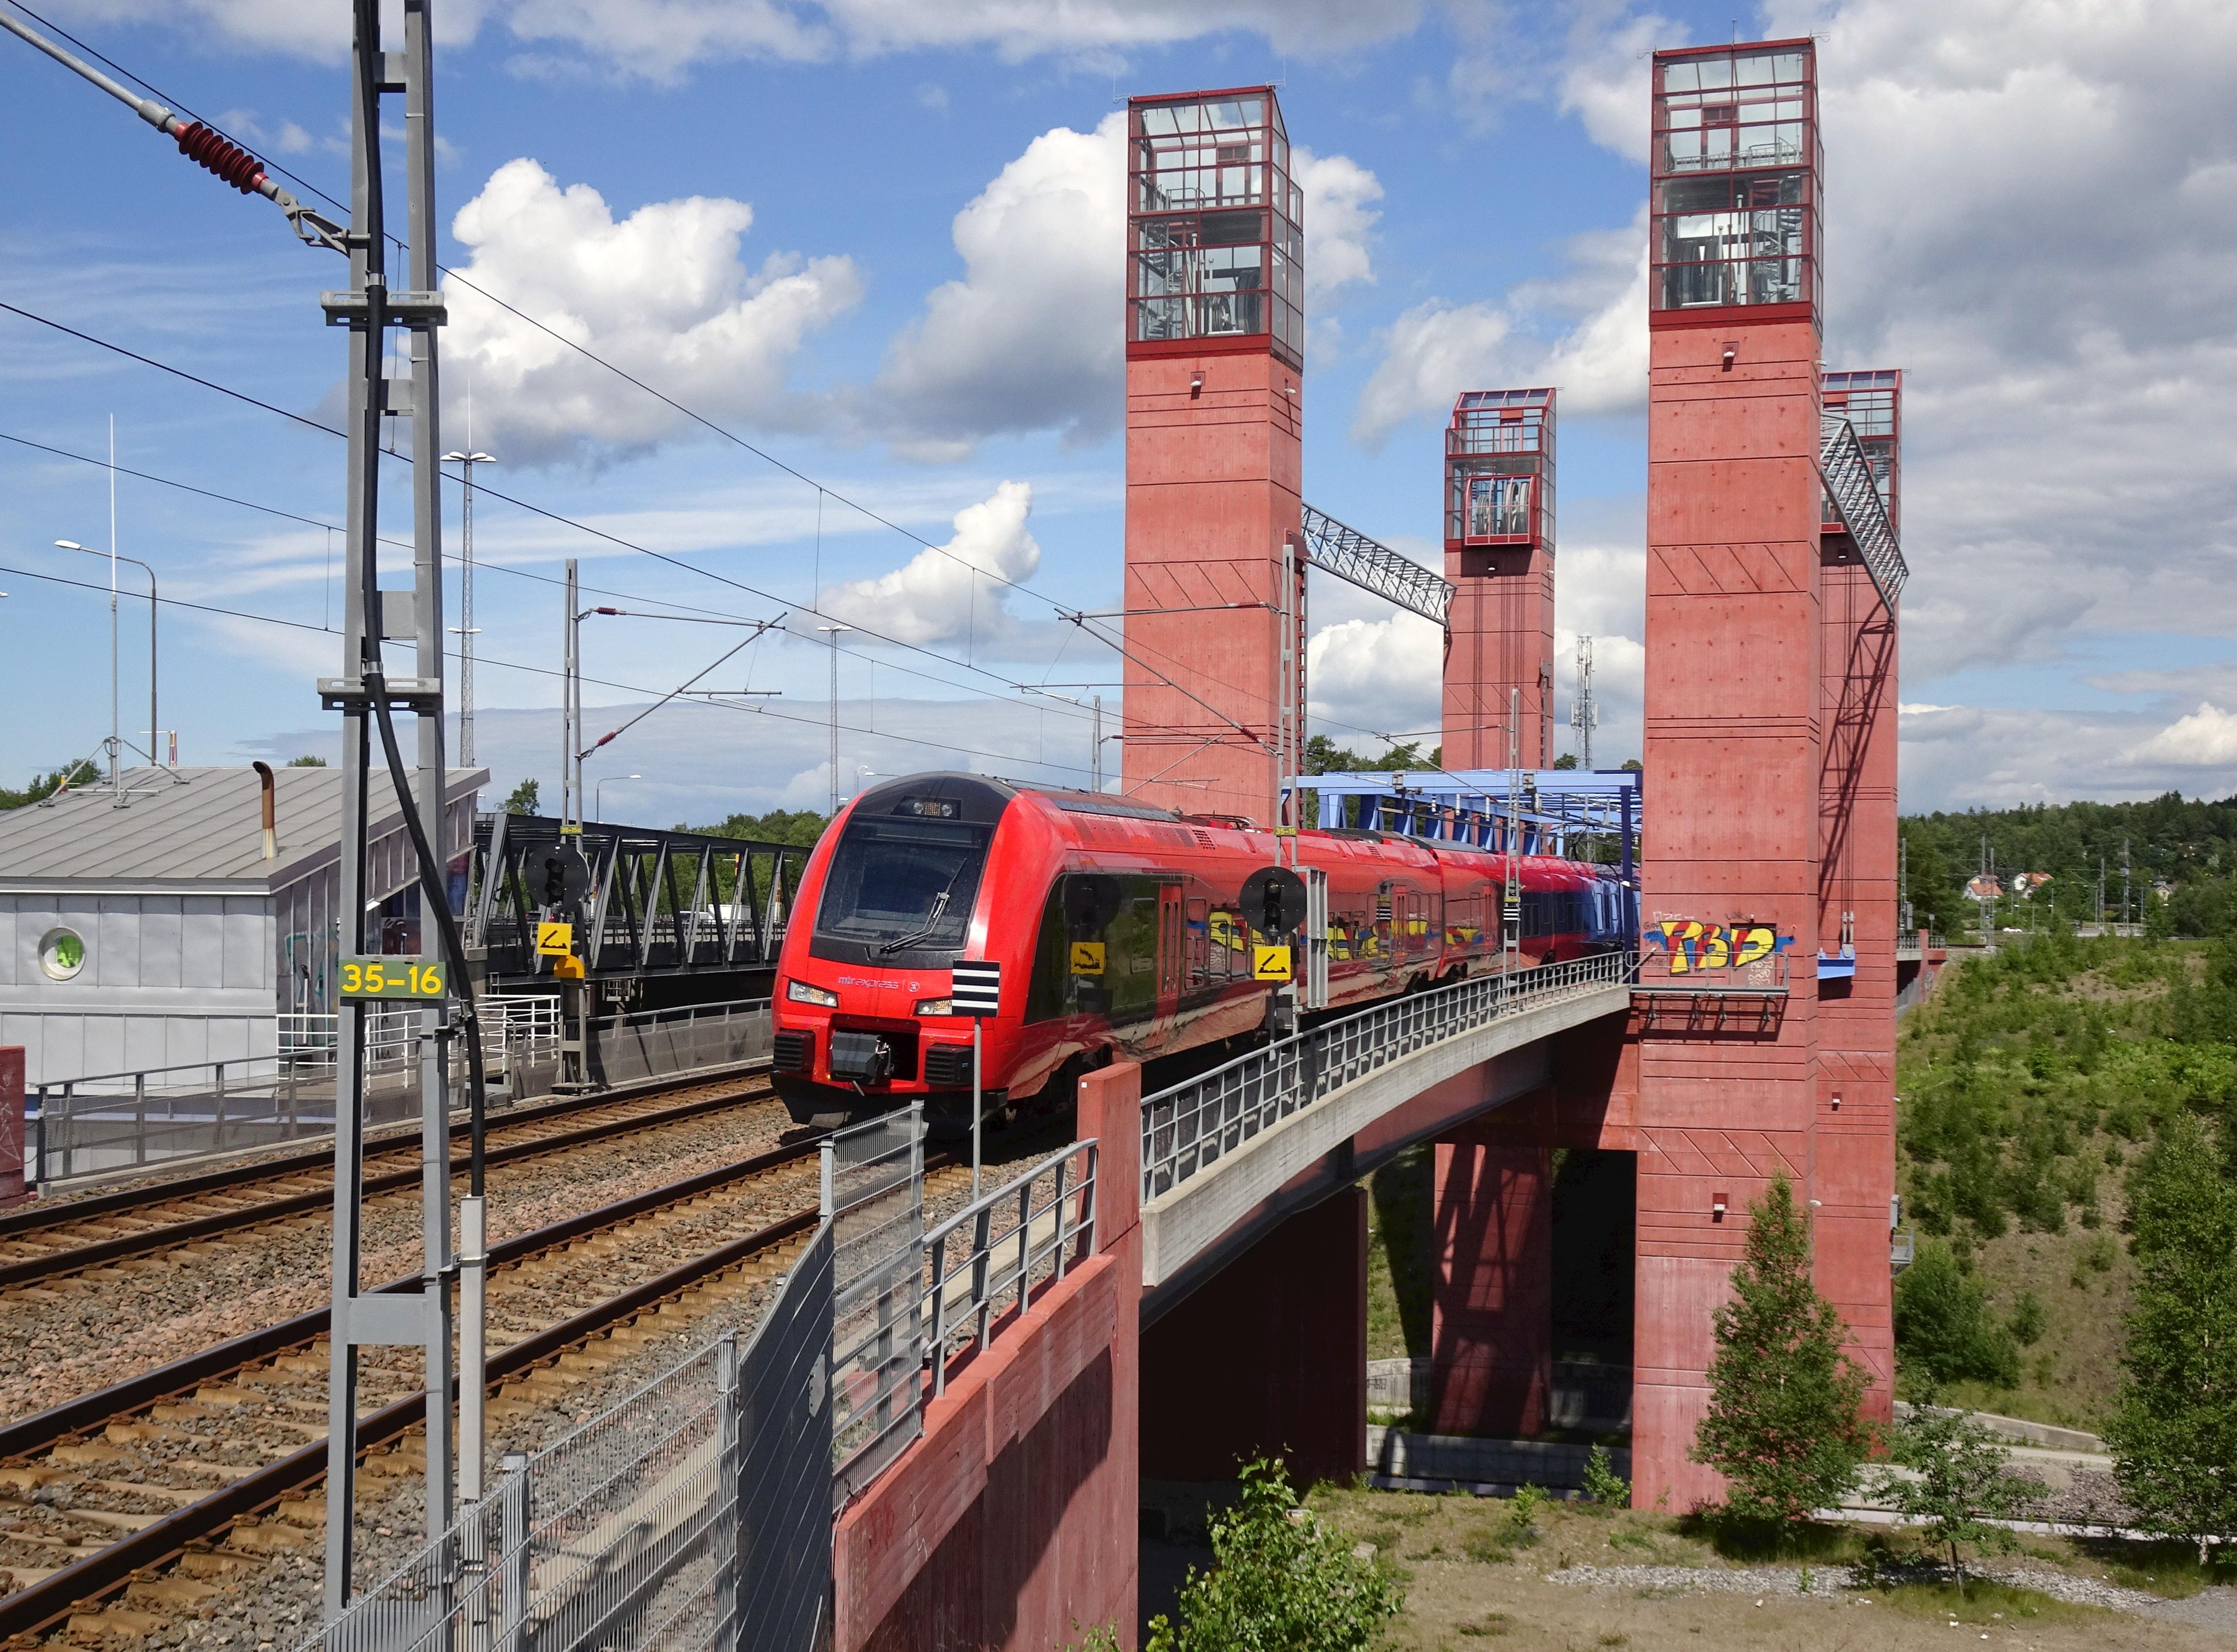 File:Järnvägsbron, Södertälje kanal, 2017.jpg - Wikimedia ...